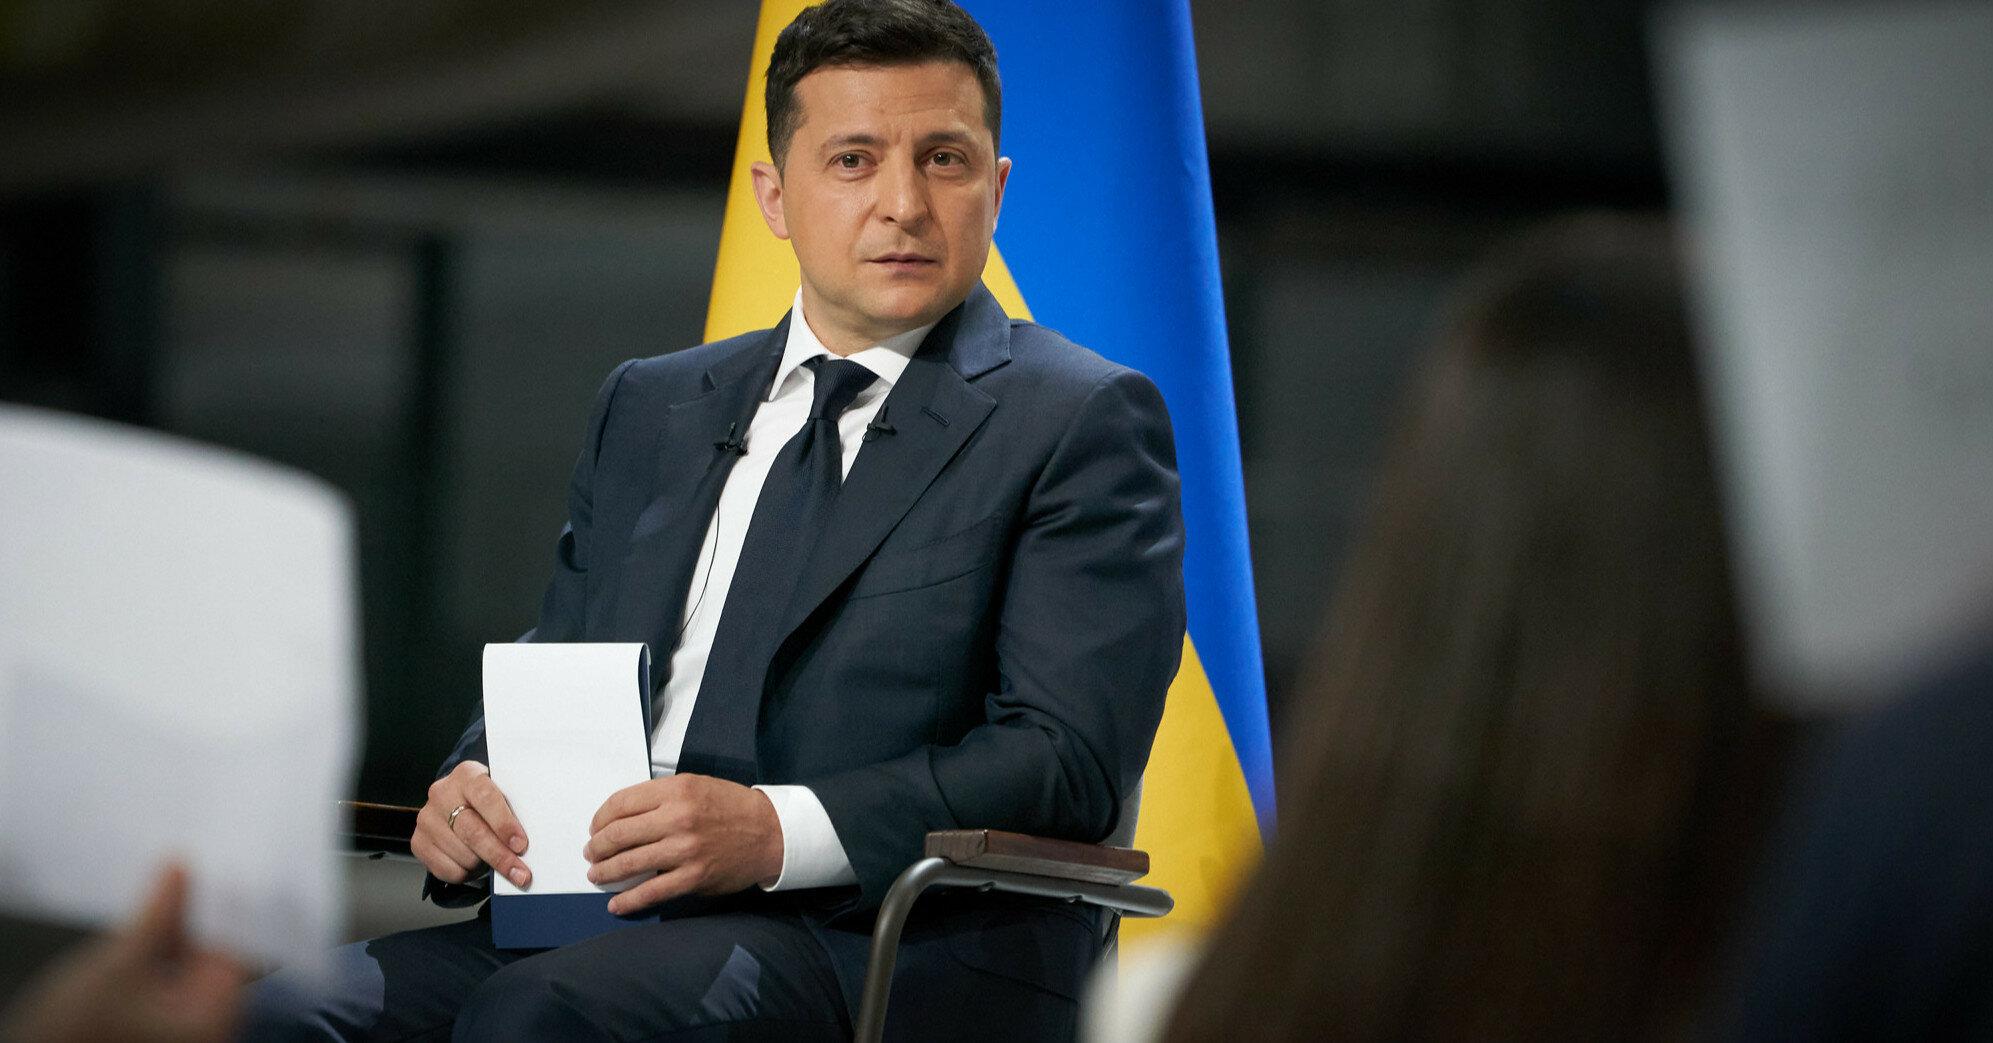 Более 55% украинцев назвали власть Зеленского дилетантской